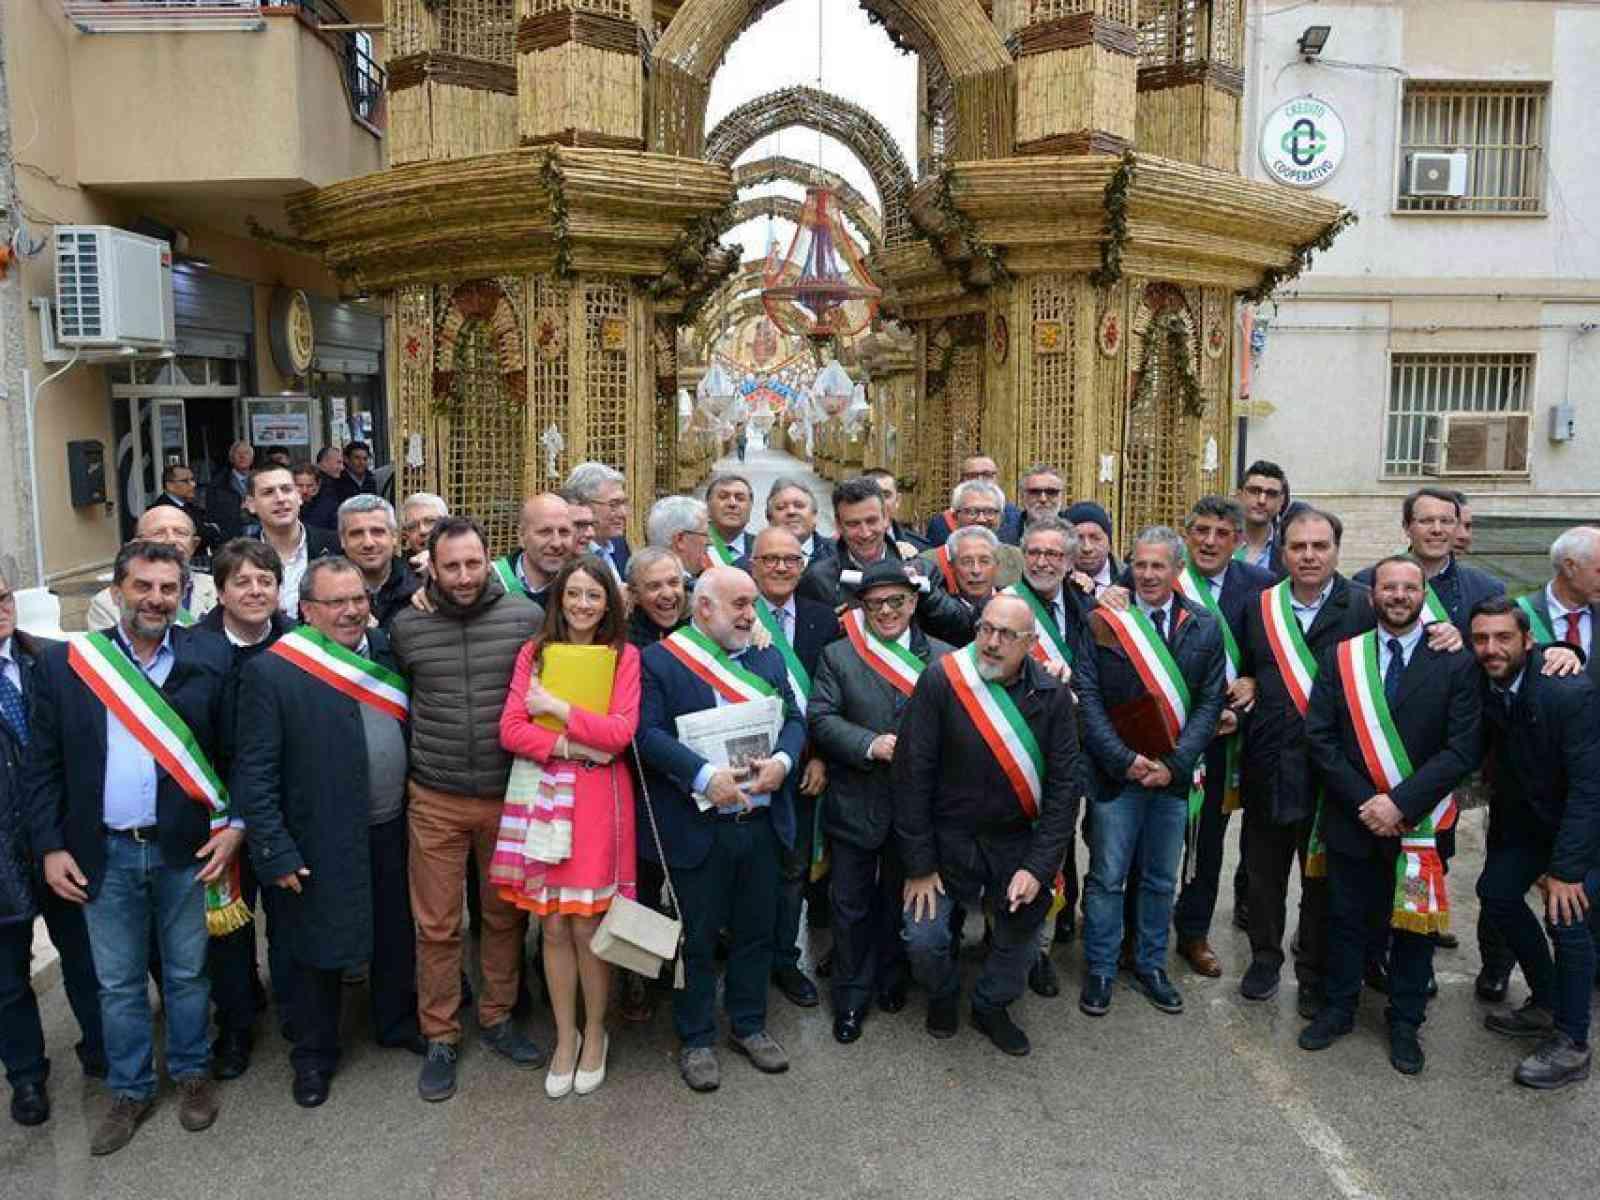 Addio a Girgenti Acque! I 43 comuni agrigentini passano alla gestione pubblica dell'acqua